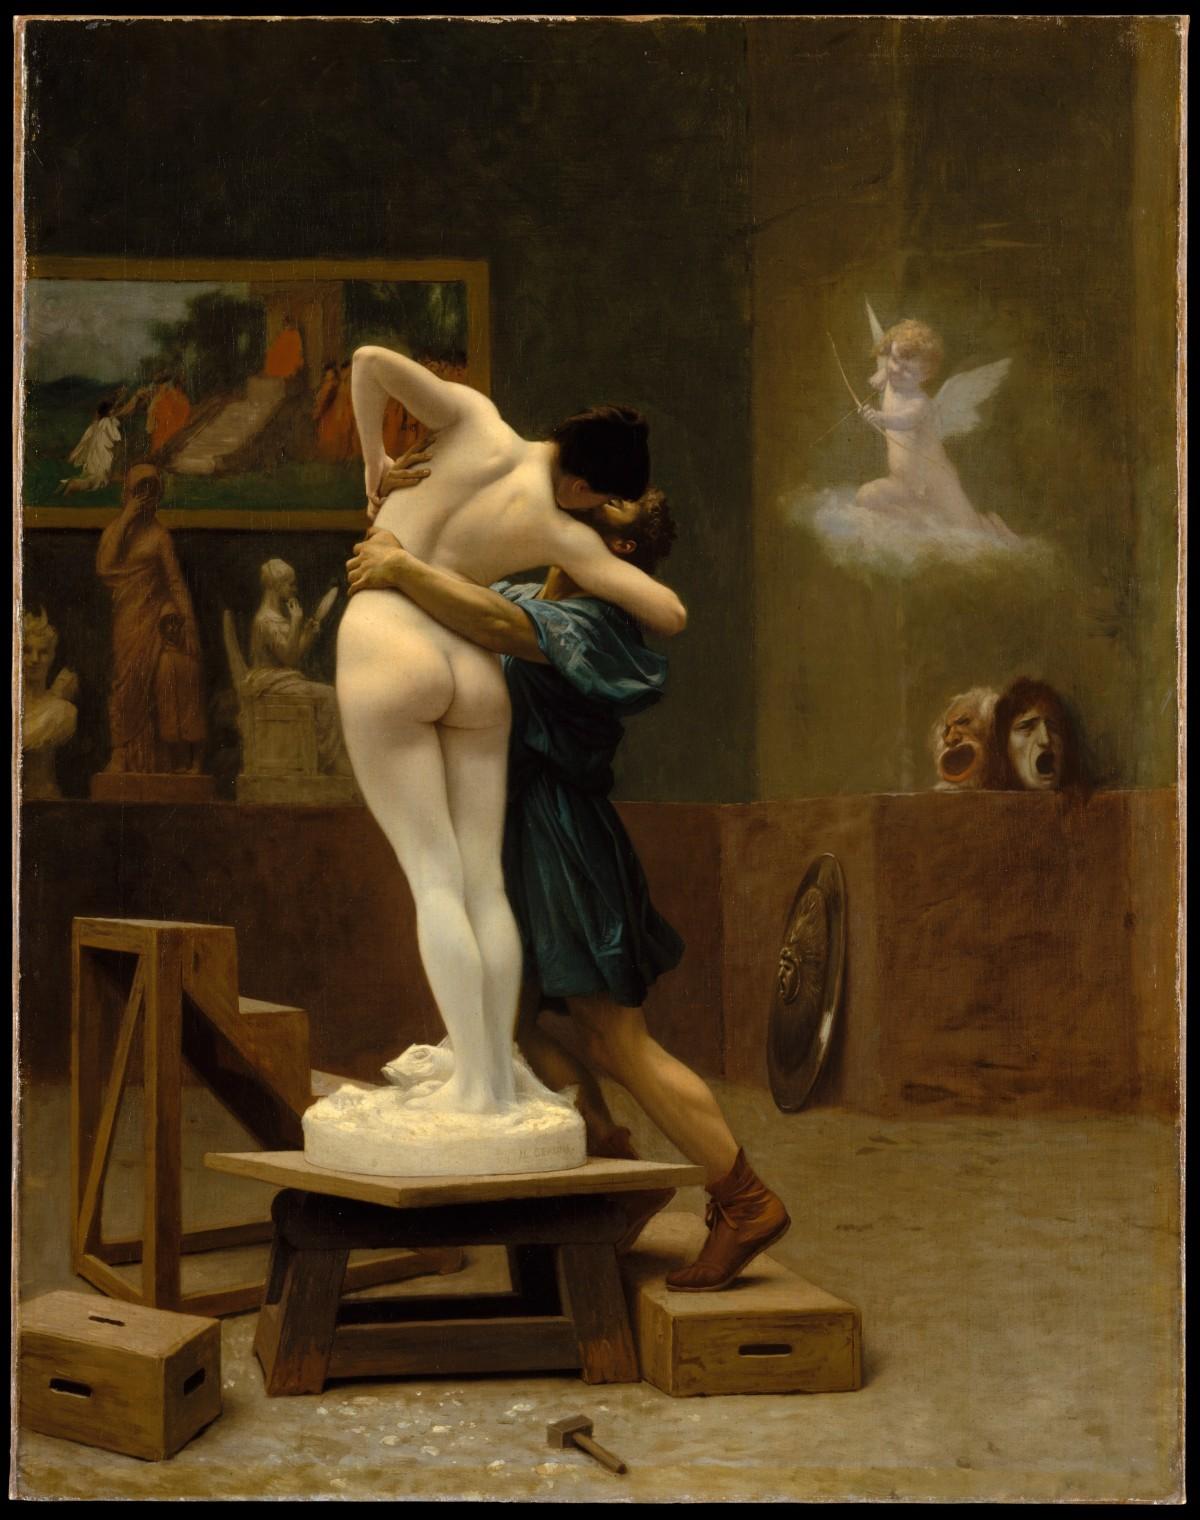 Jean-Léon_Gérôme,_Pygmalion_and_Galatea,_ca._1890